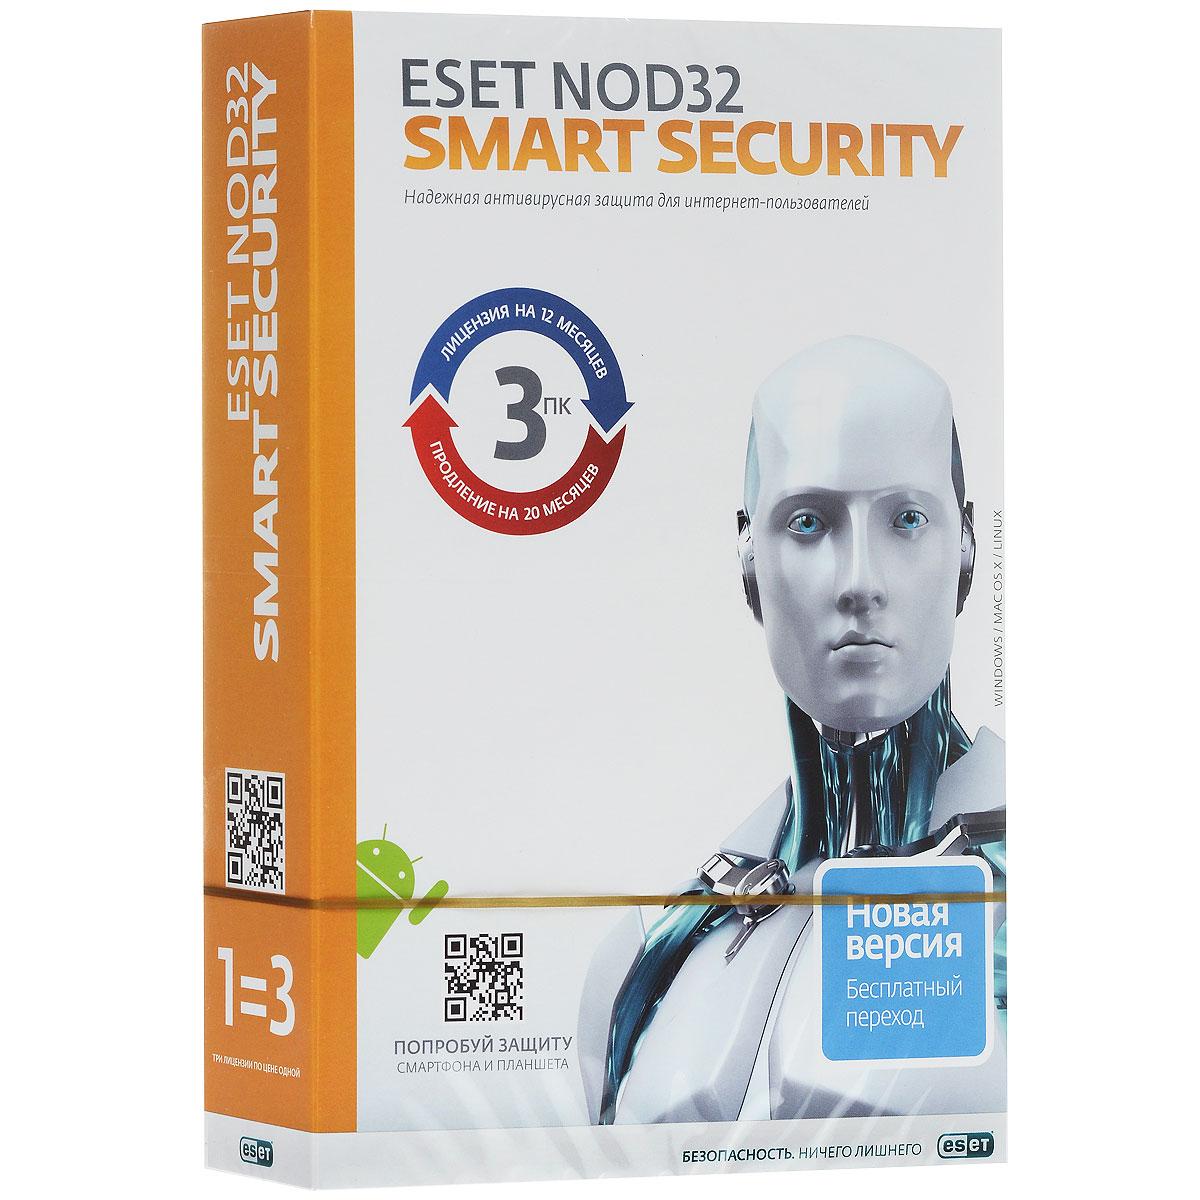 ESET NOD32 Smart Security 5Комплексное решение для обеспечения антивирусной защиты компьютера. ESET NOD32 Smart Security 5 делает работу в сети Интернет максимально защищенной и безопасной. Особенности программы: Обезвреживает вирусы, троянские программы, руткиты и другие потенциально опасные программы. Детектирует и удаляет рекламное ПО. Защищает от интернет-мошенников и блокирует атаки хакеров. Обнаруживает шпионское программное обеспечение. Производит интеллектуальную фильтрацию веб-контента. Повышает уровень безопасности в социальных сетях. Уникальная система мультилицензирования ESET позволяет защитить все операционные системы, установленные на одном компьютере: MS Windows, Mac OS Х и Linux. Основные возможности: ESET Live Grid. Интеллектуальная облачная технология пятого поколения ESET Live Grid позволяет оперативно отслеживать вредоносные процессы, анализировать параметры работы системы, автоматически передавать потенциально опасные...